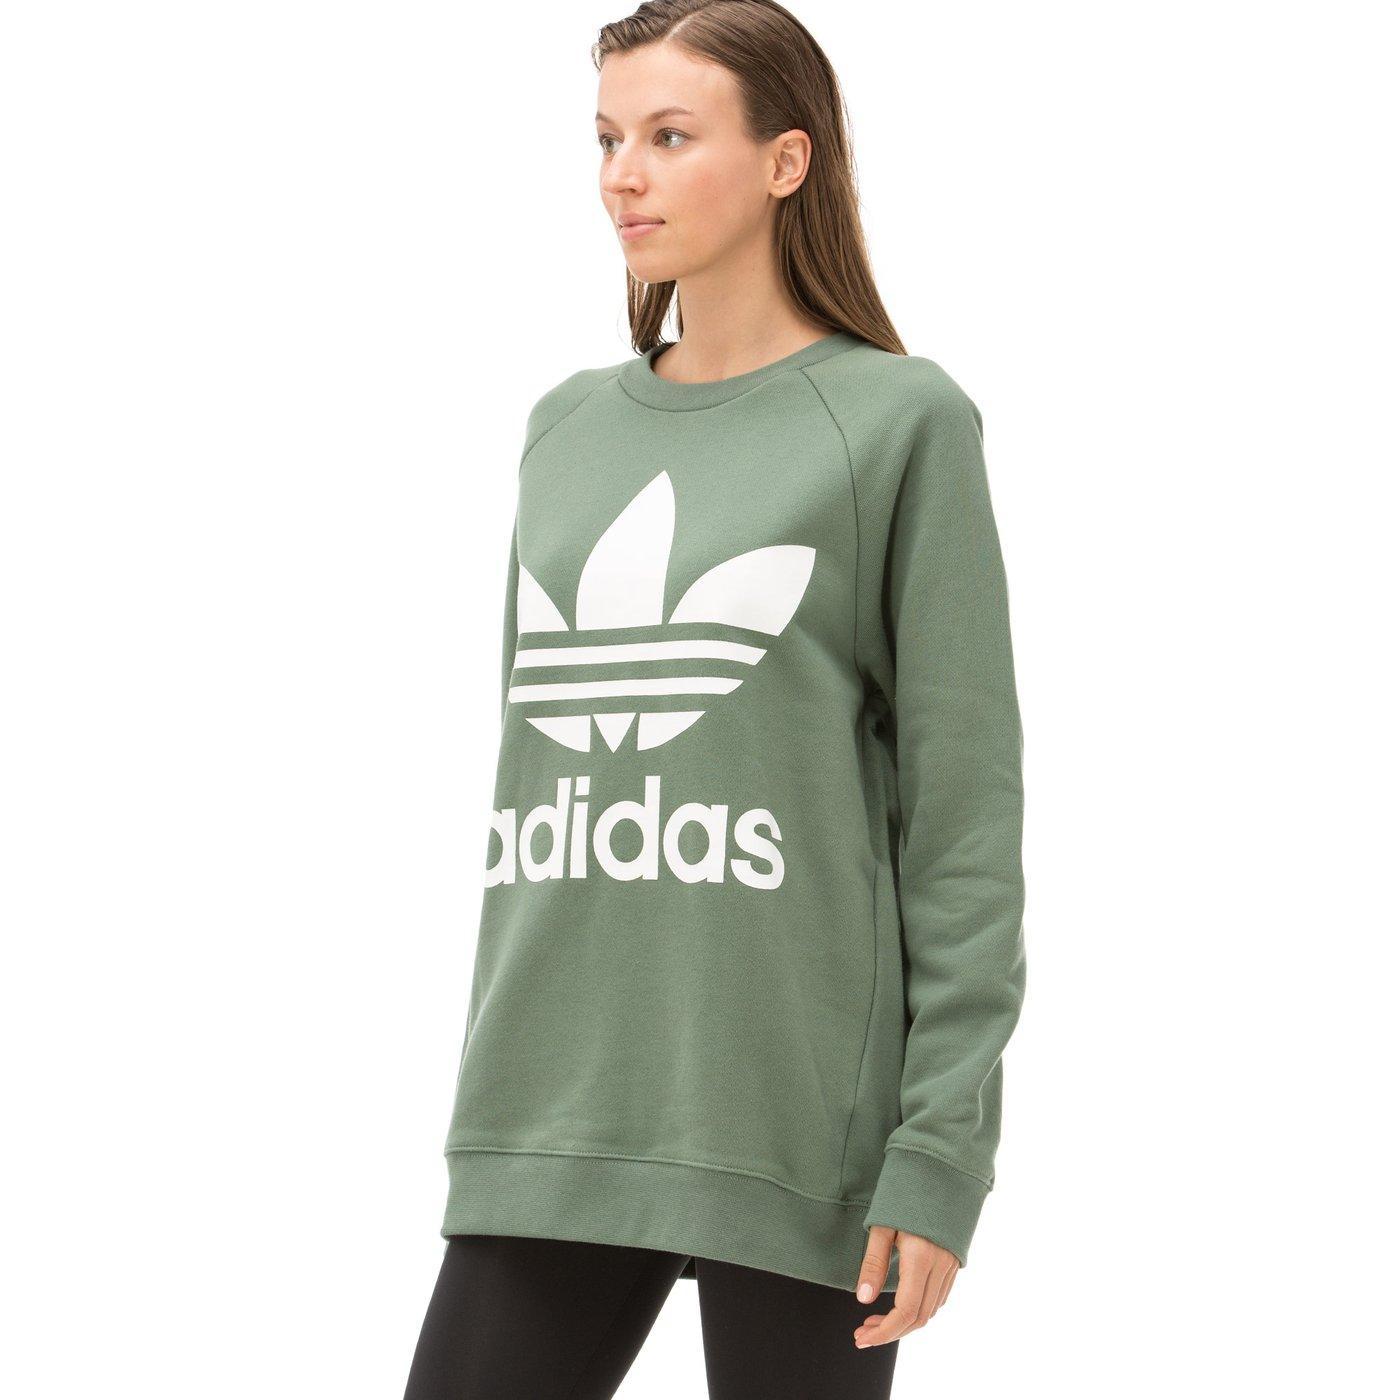 adidas Kadın Yeşil Sweatshirt